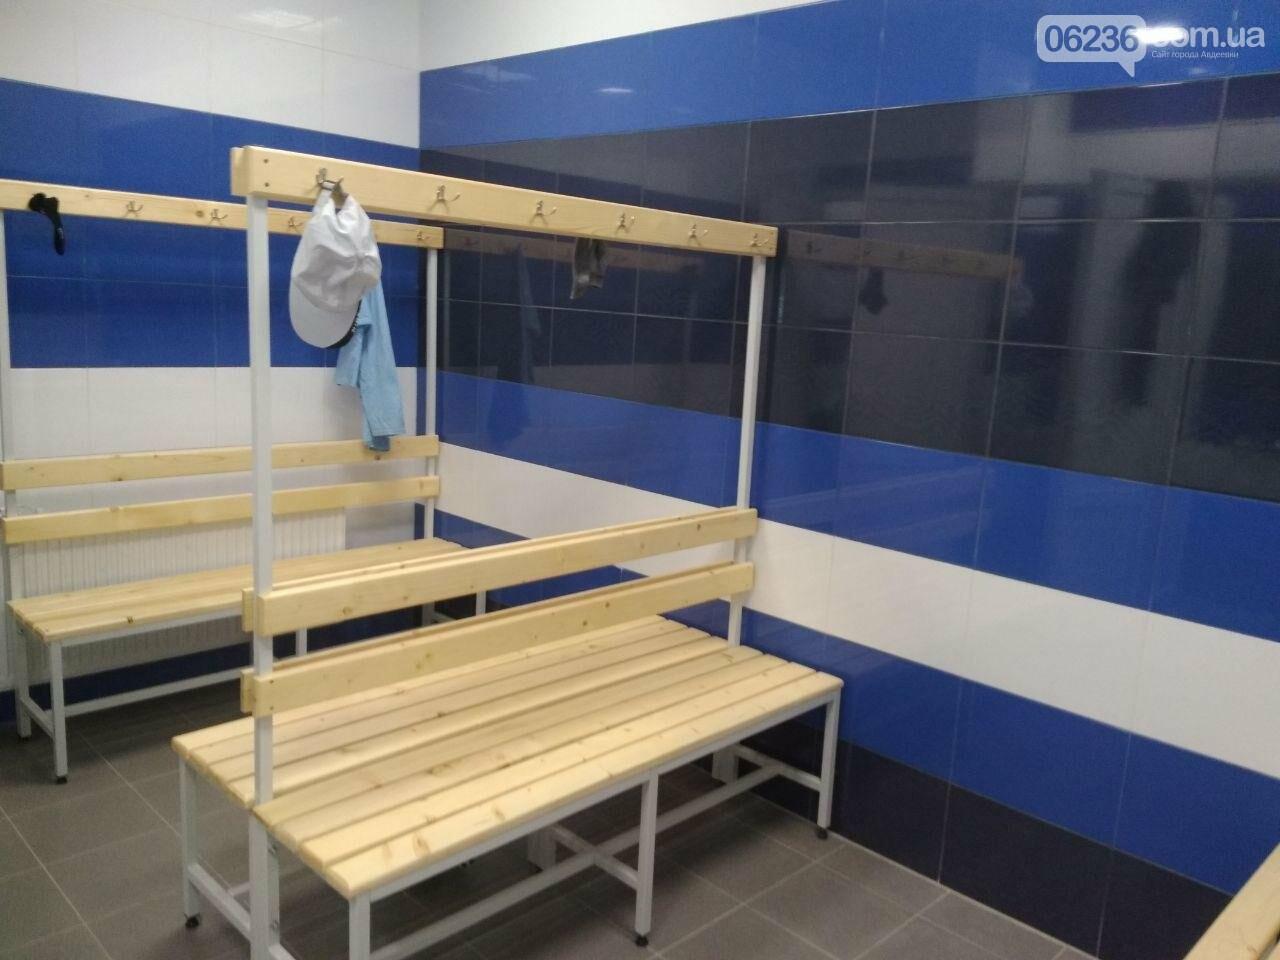 АКХЗ подарил авдеевской школе спортивный зал (ФОТОРЕПОРТАЖ), фото-10